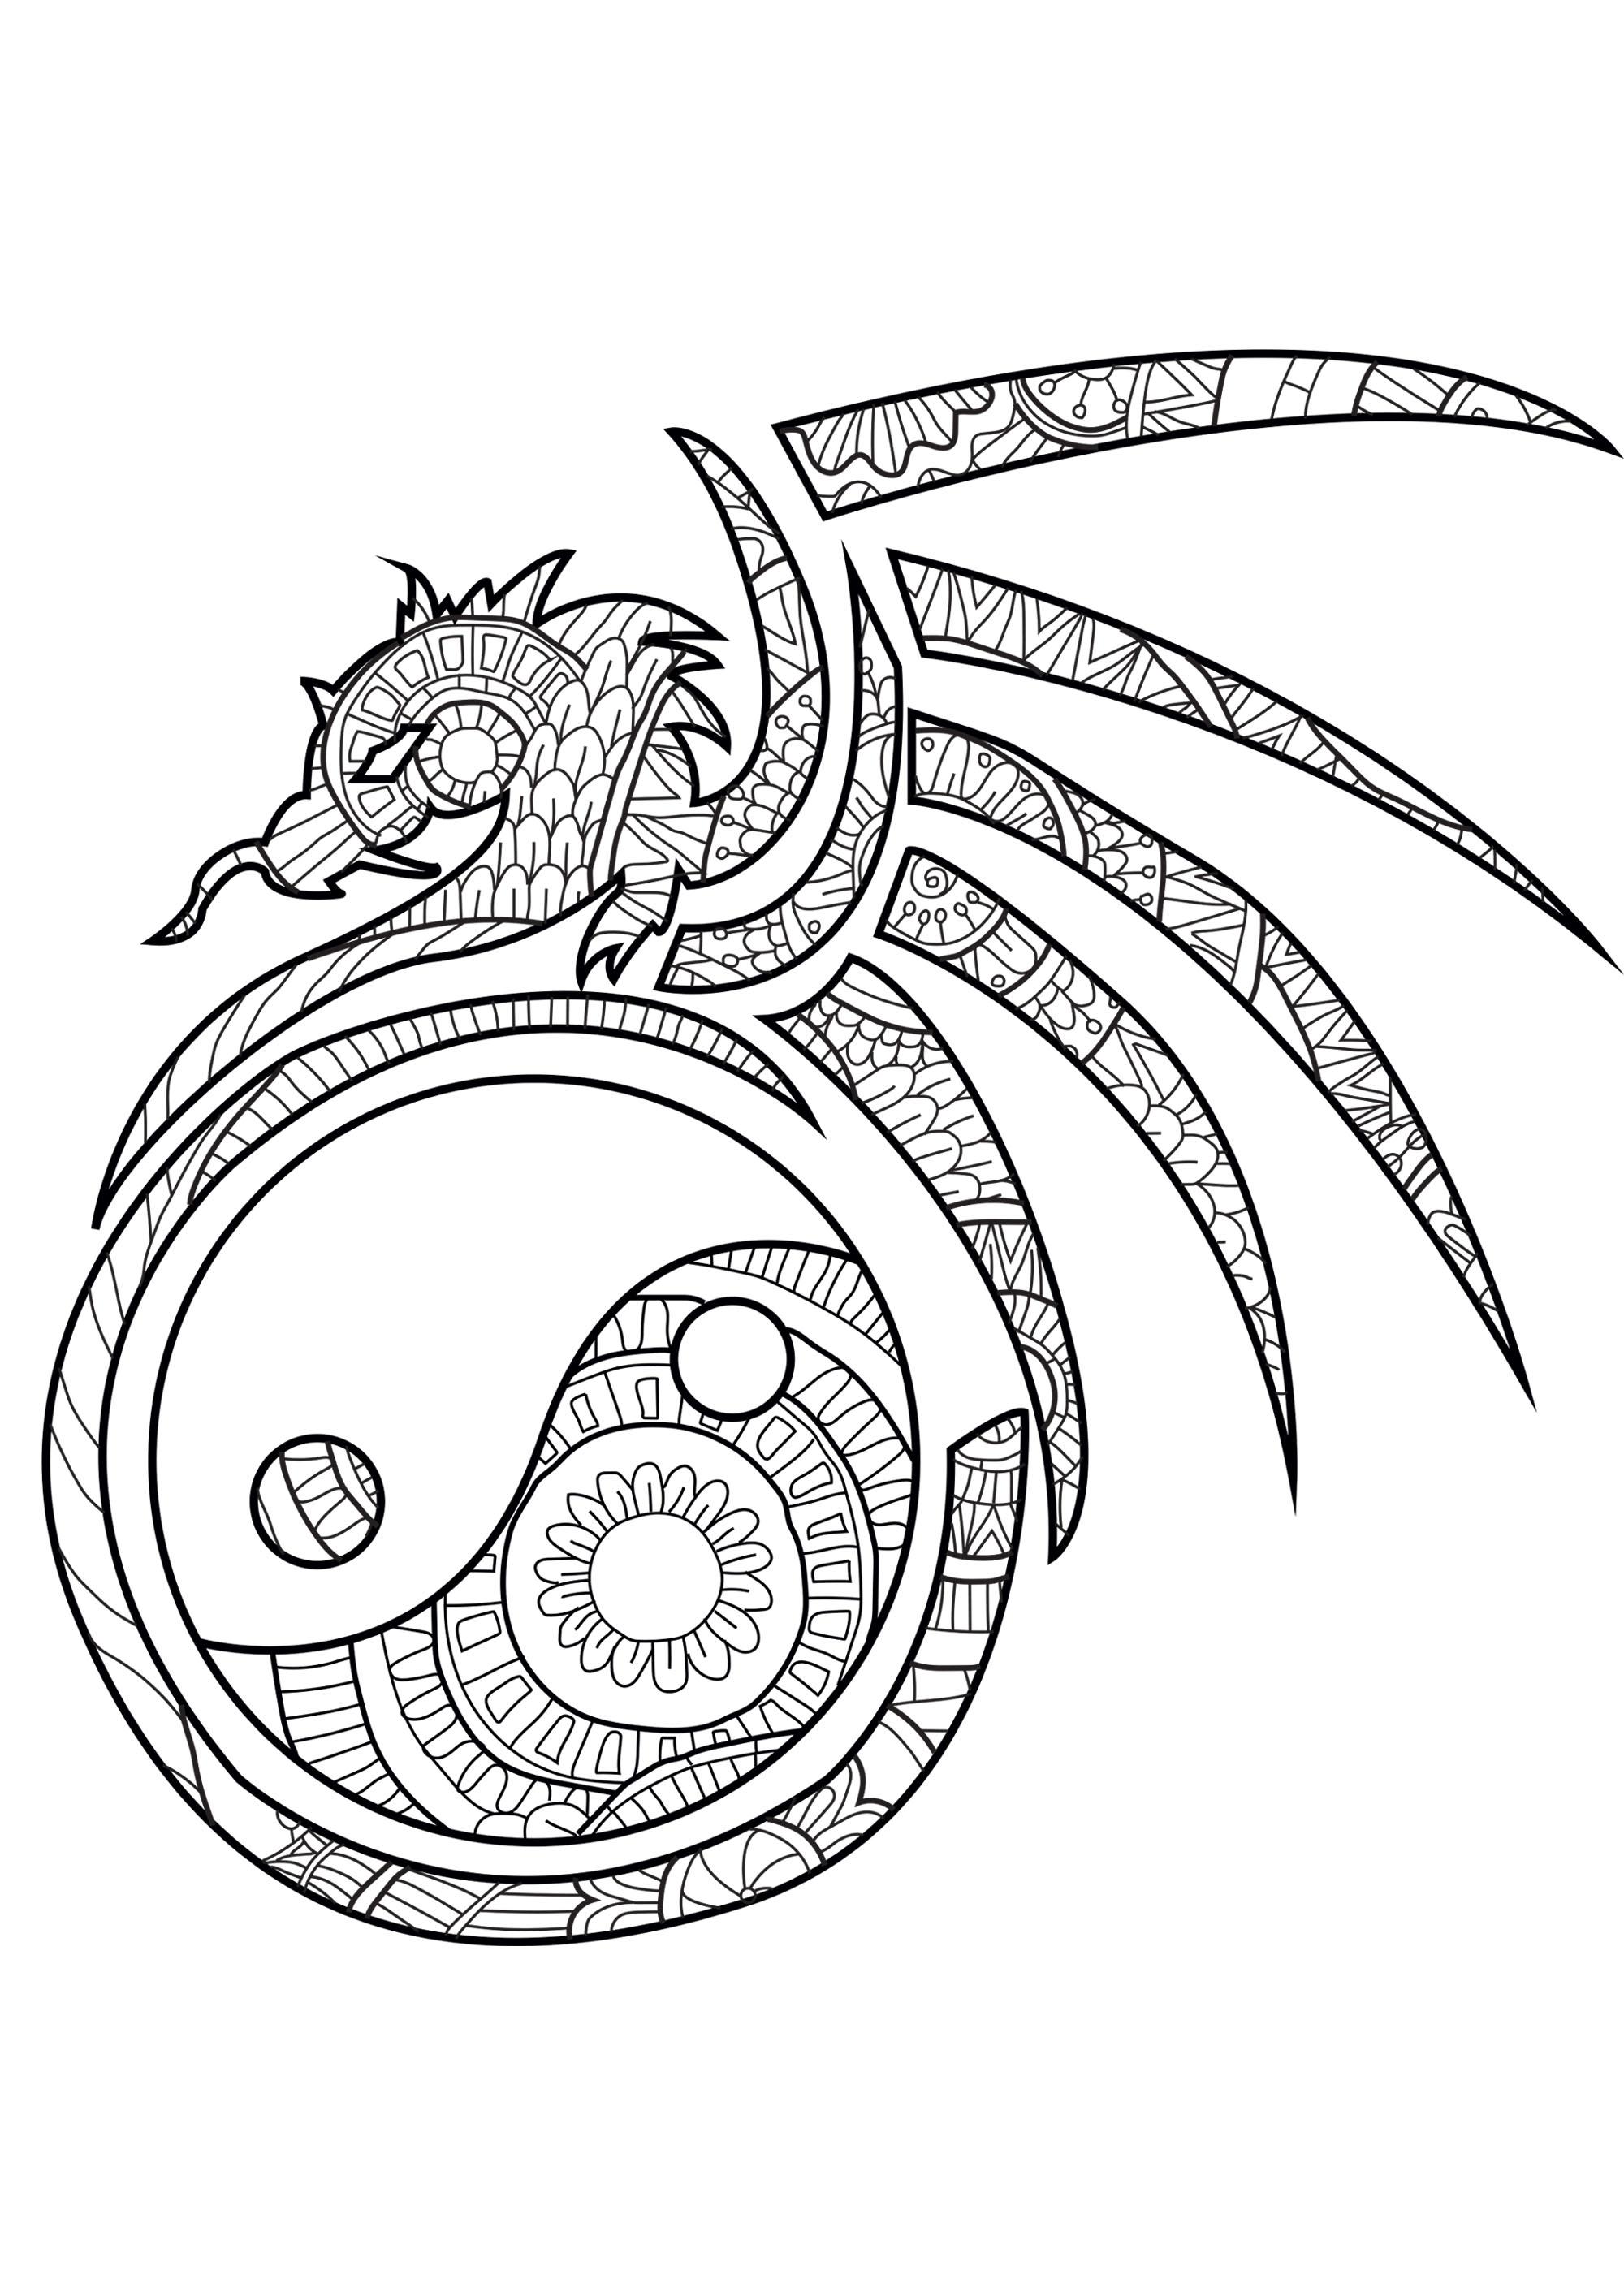 Colorear para Adultos : Dragones - 1